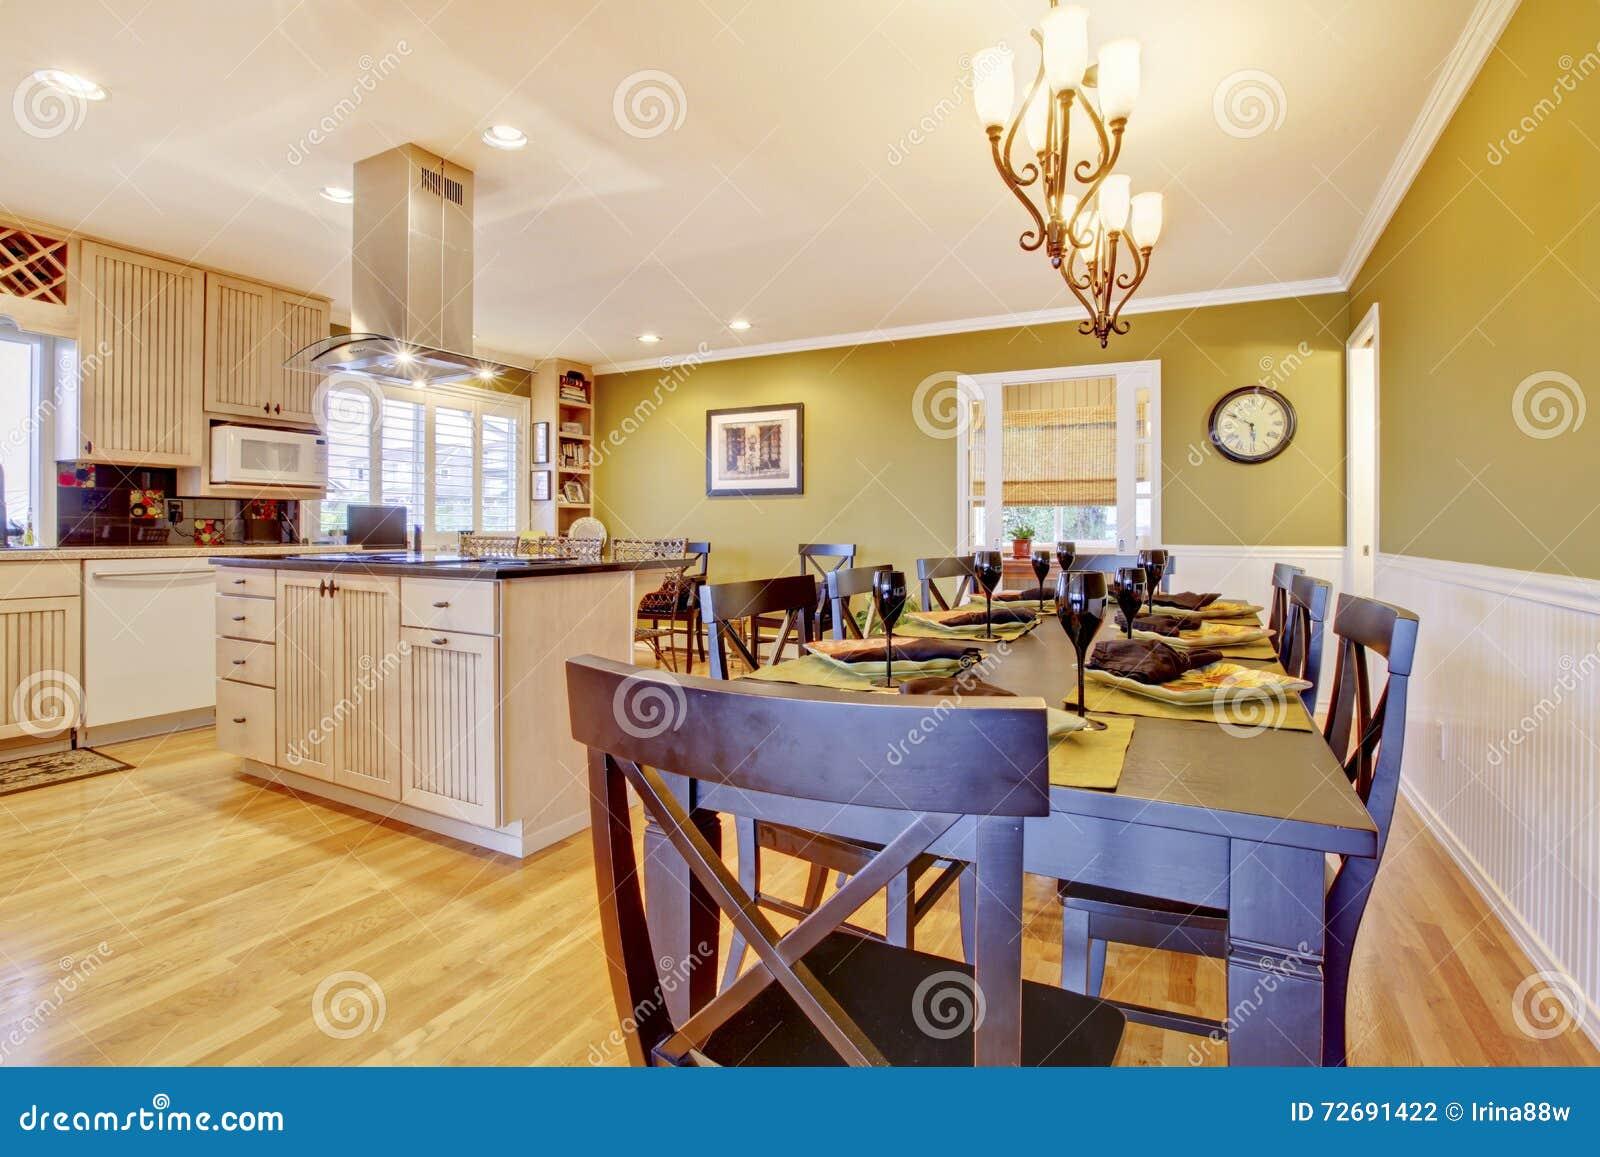 Pareti Della Cucina Verdi : Stanza della cucina con le pareti ed il tavolo da pranzo verdi